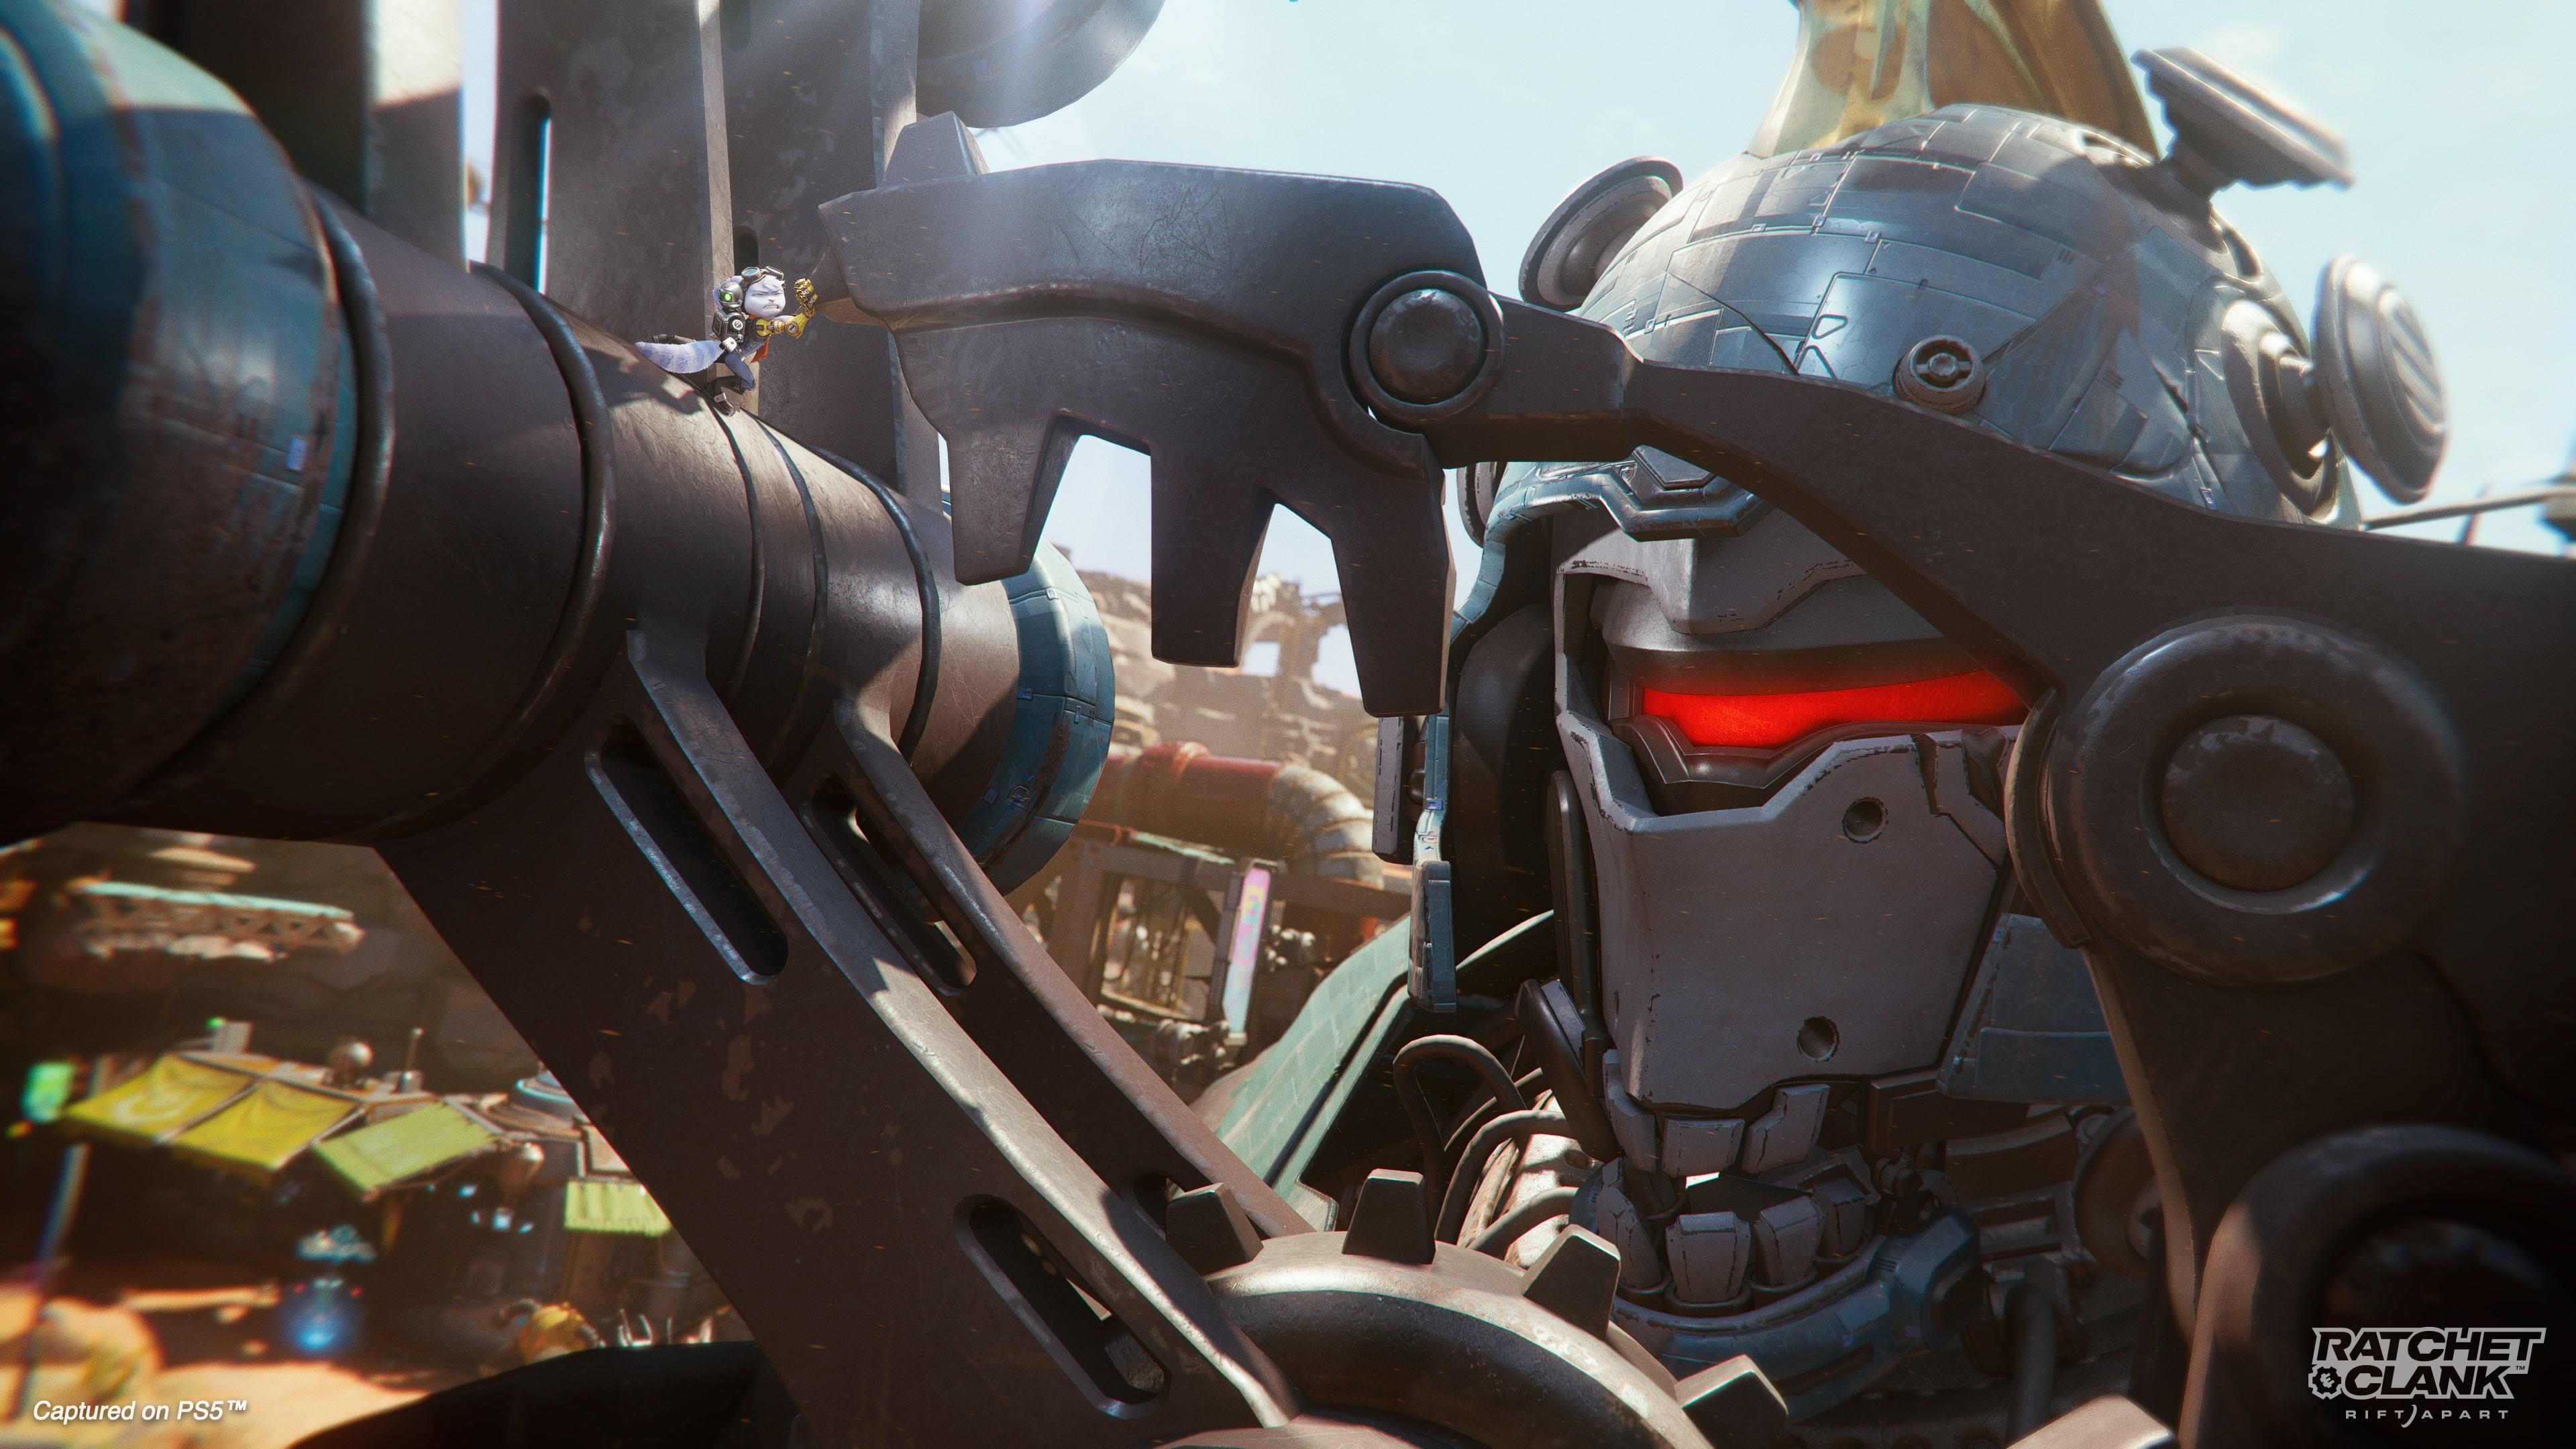 Ratchet & Clank screenshot